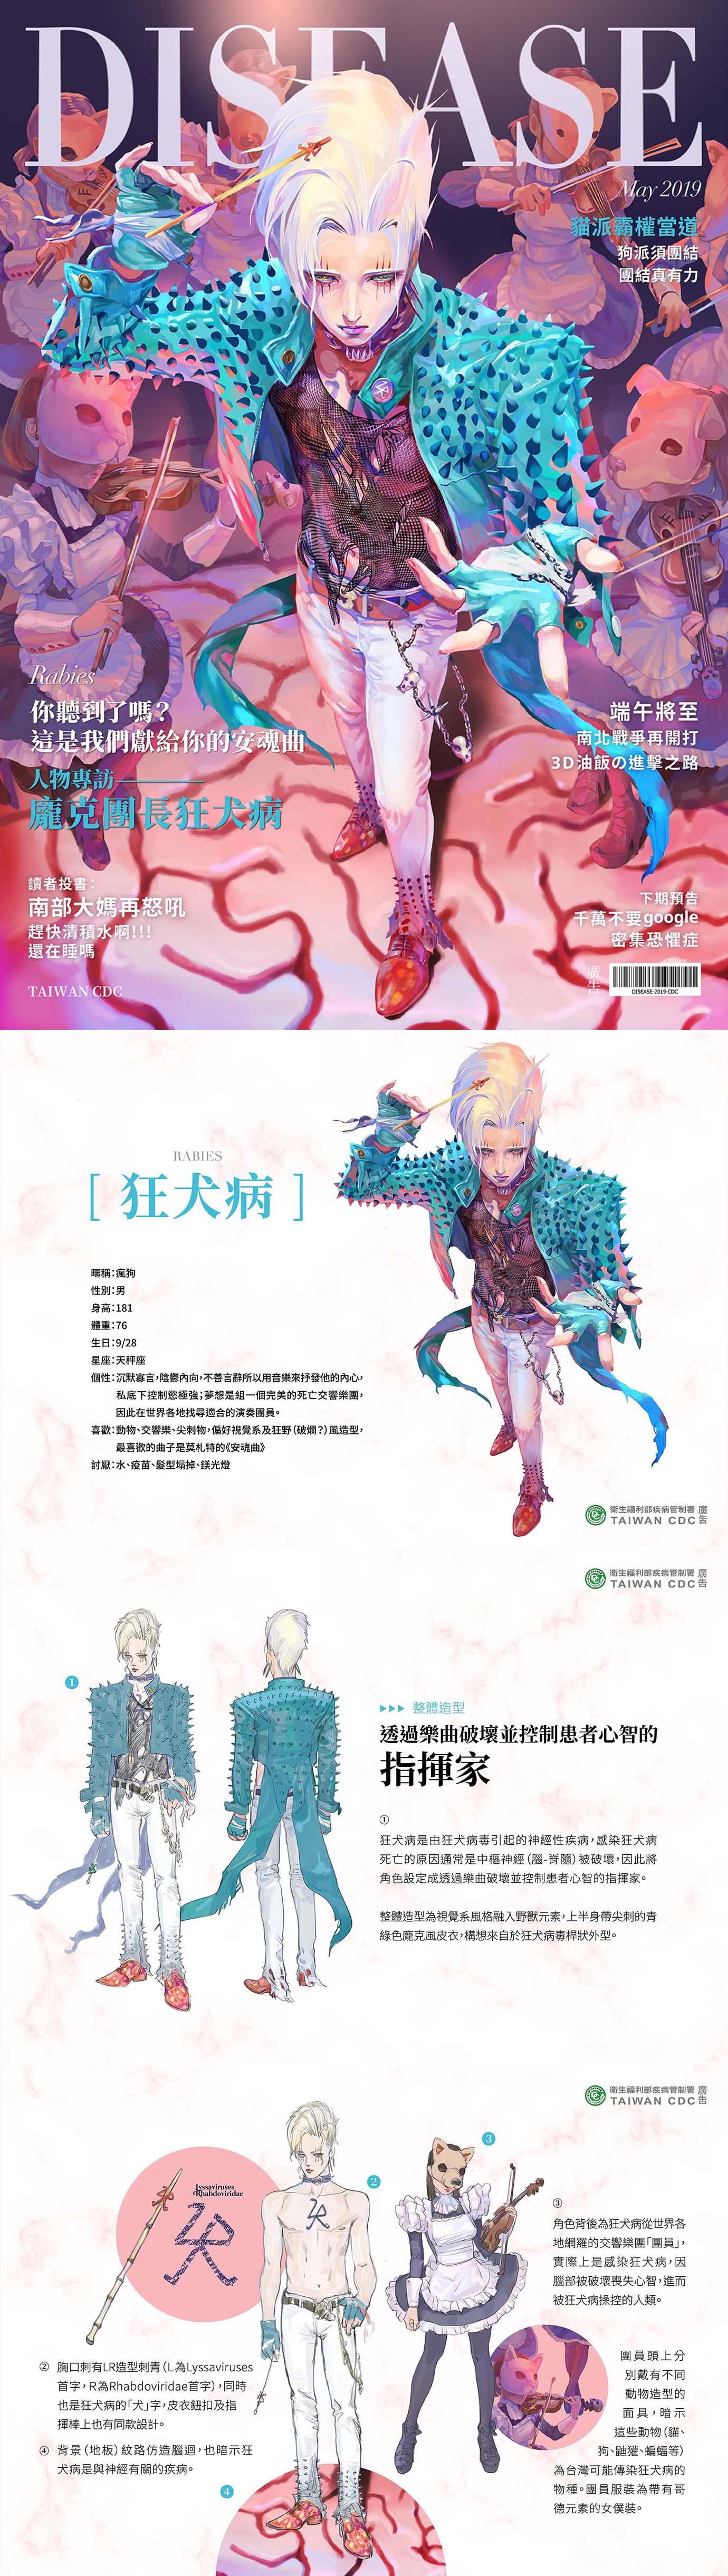 taiwan-disease4